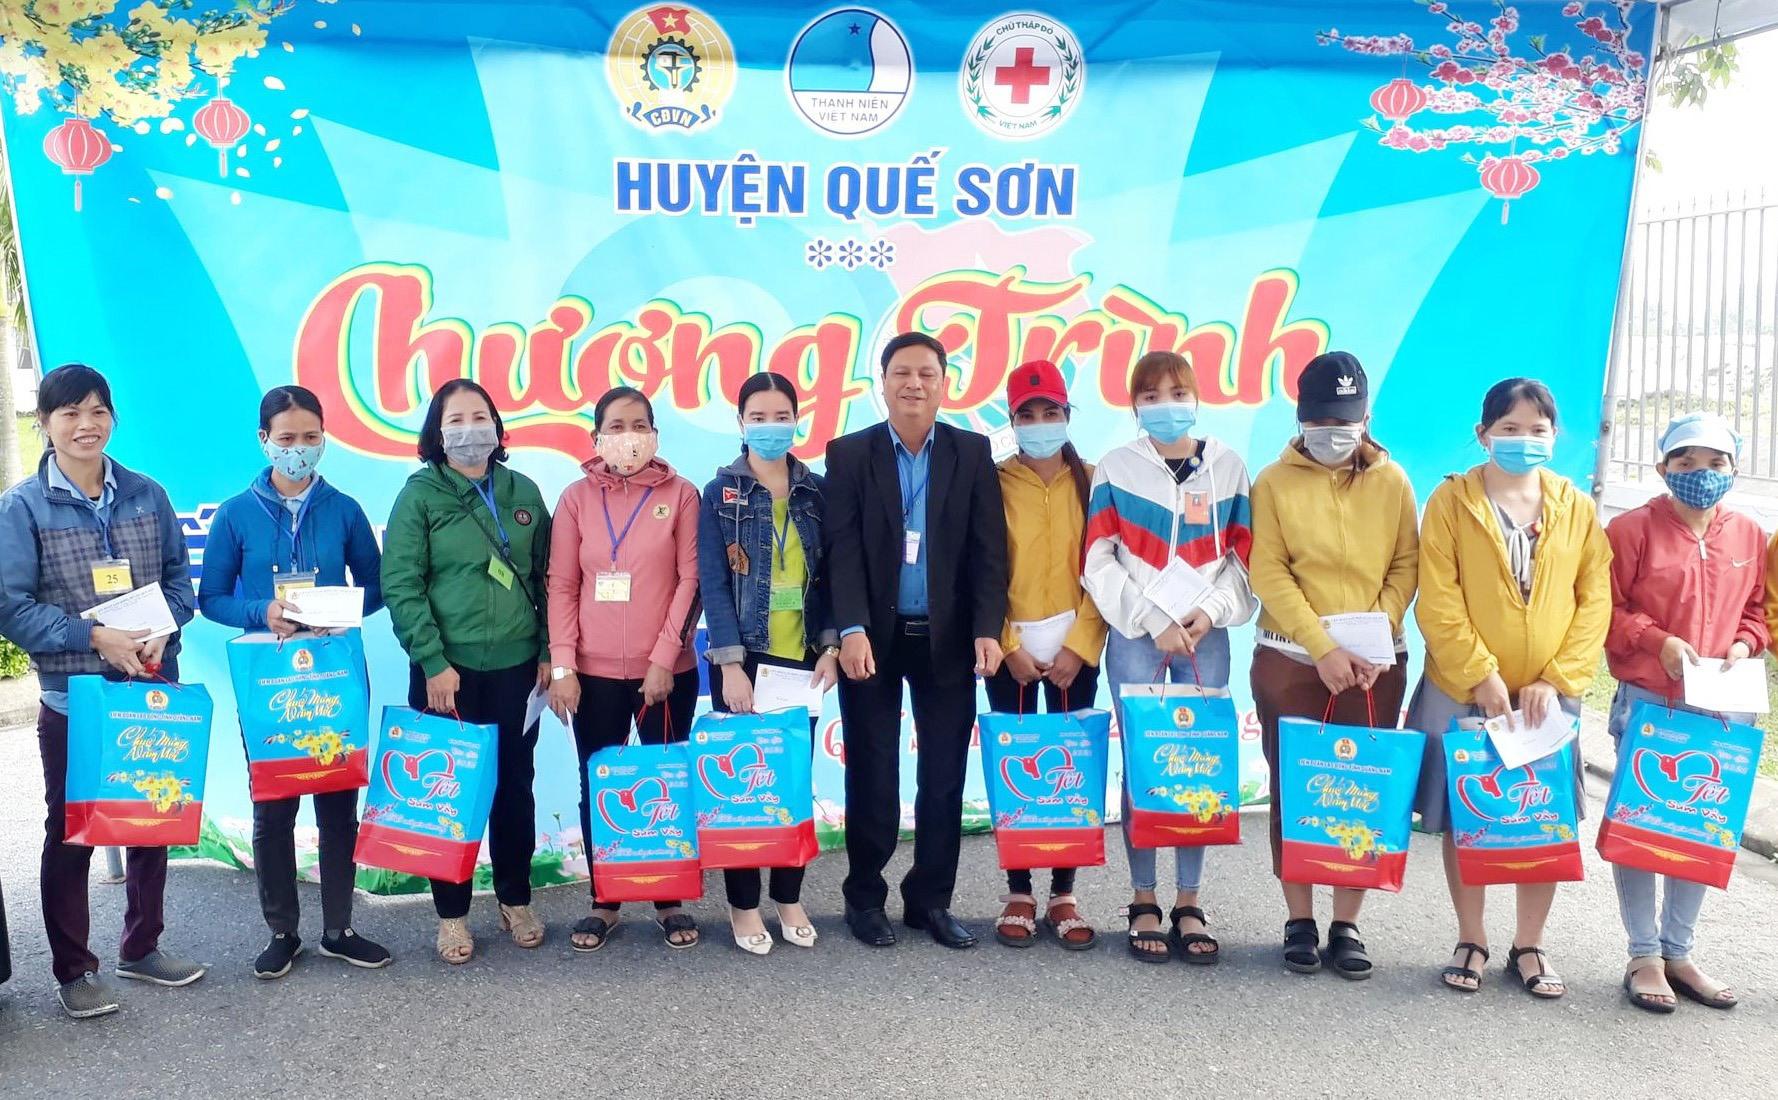 Nhiều đơn vị, doanh nghiệp ở Quế Sơn trao quà tết cho công nhân có hoàn cảnh khó khăn. Ảnh: T.S